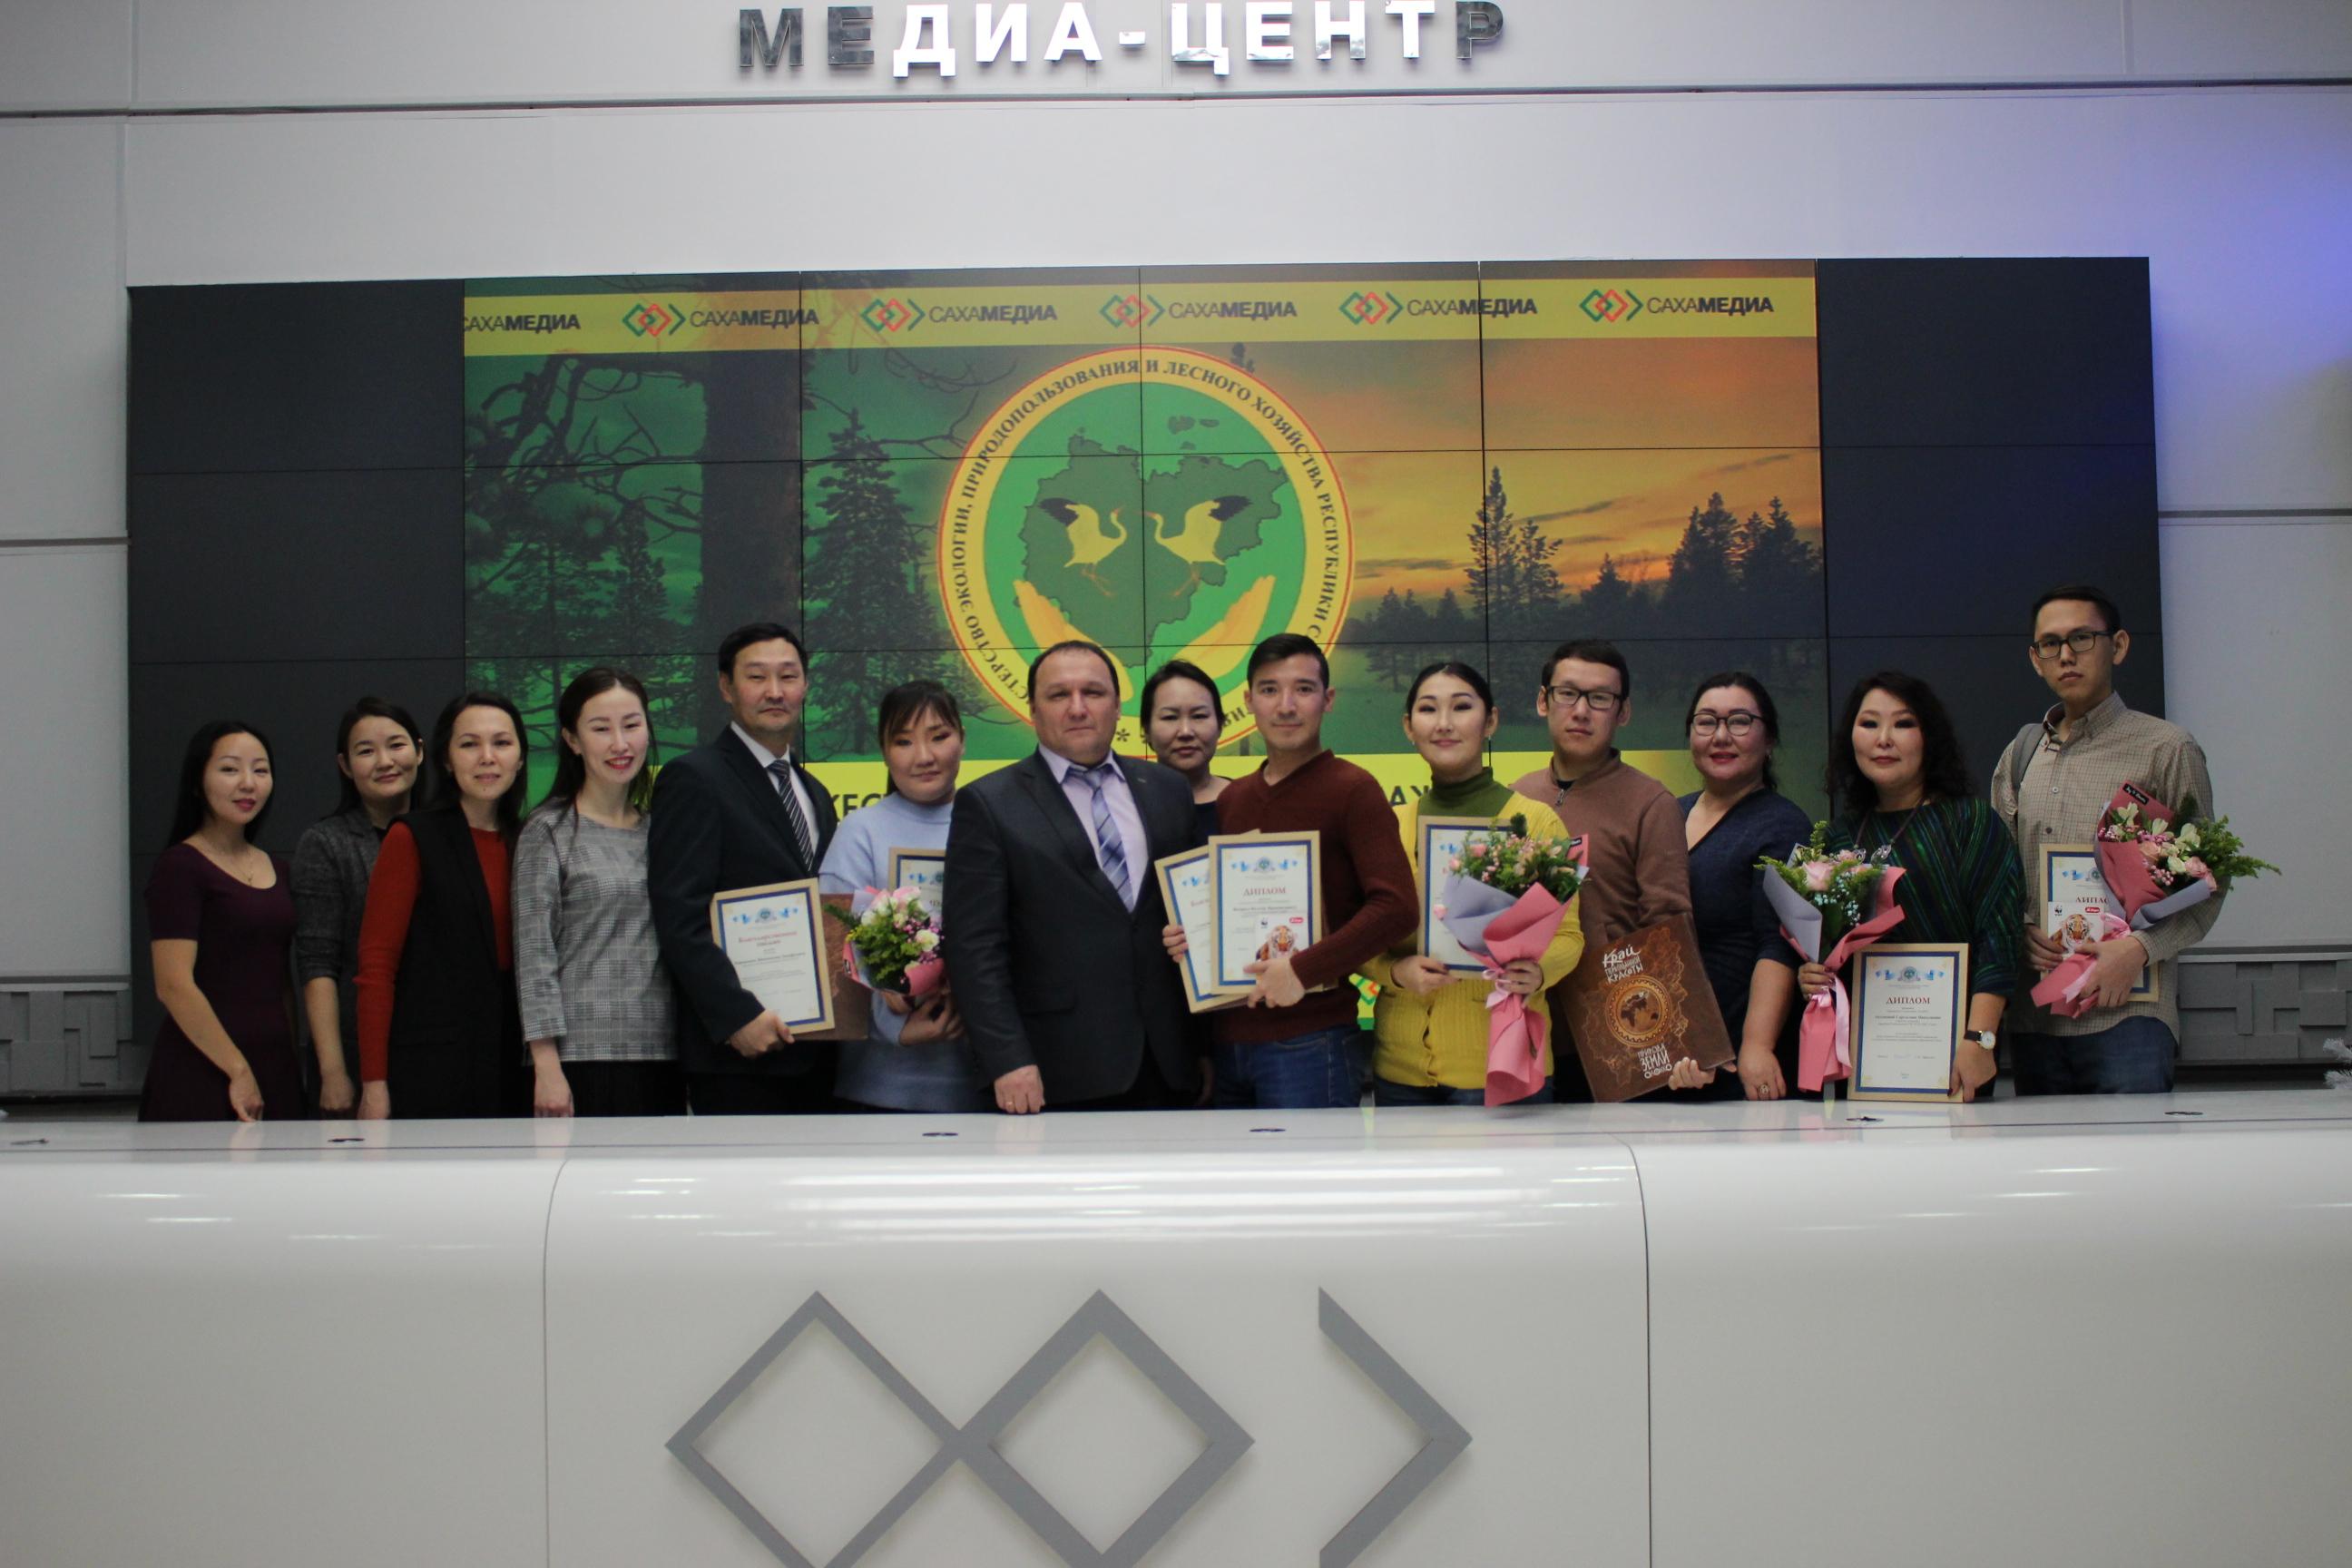 Минэкологии Якутии поздравило победителей конкурса среди журналистов